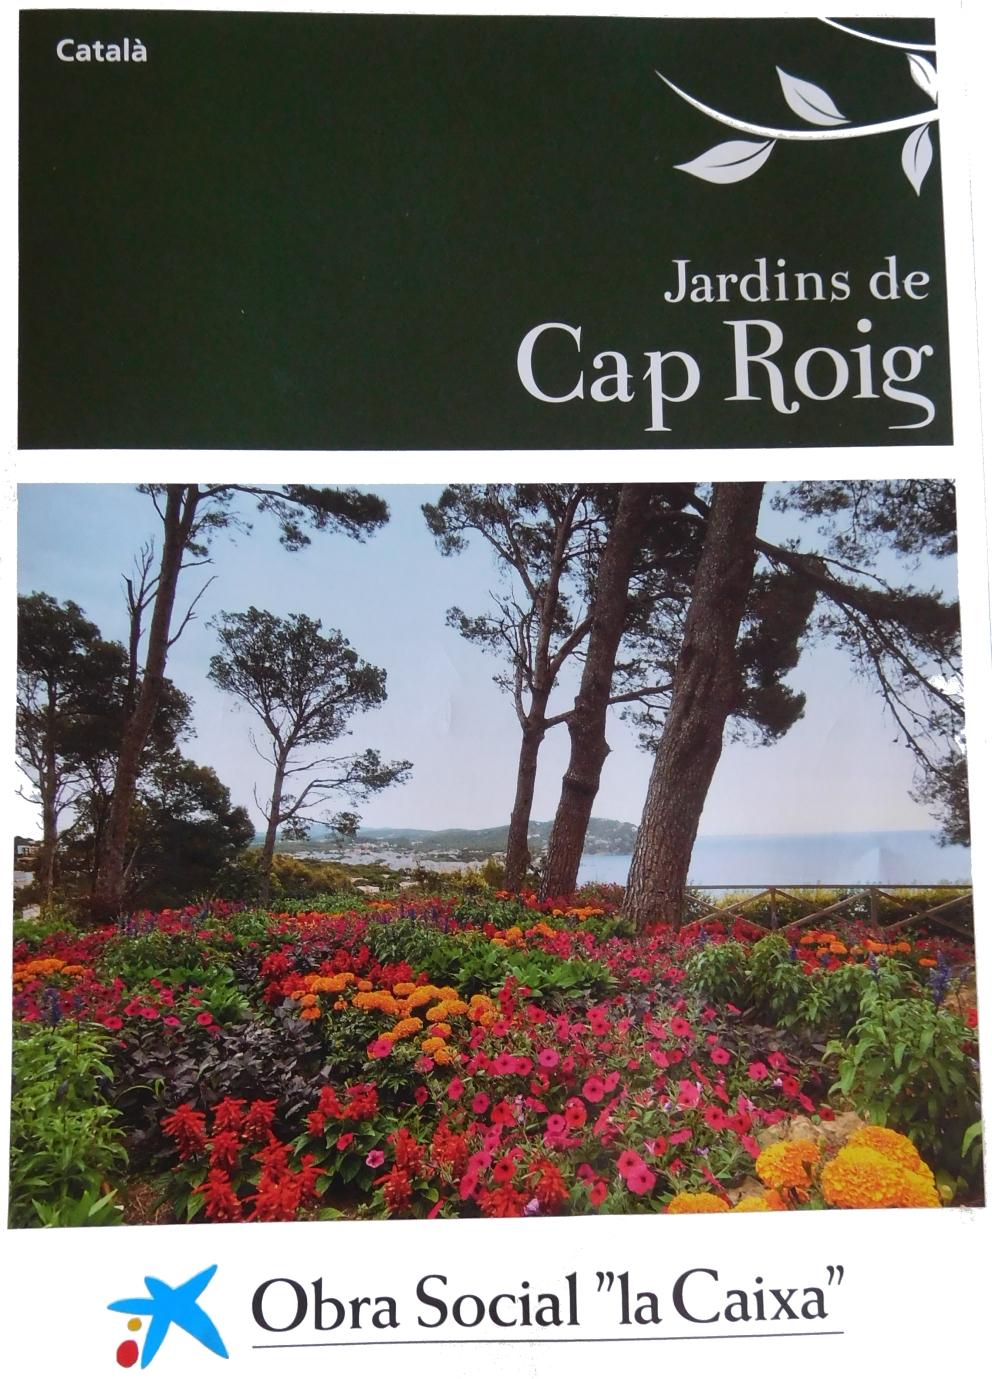 Caminaires de les faldes del montseny cam de ronda for Jardines cap roig